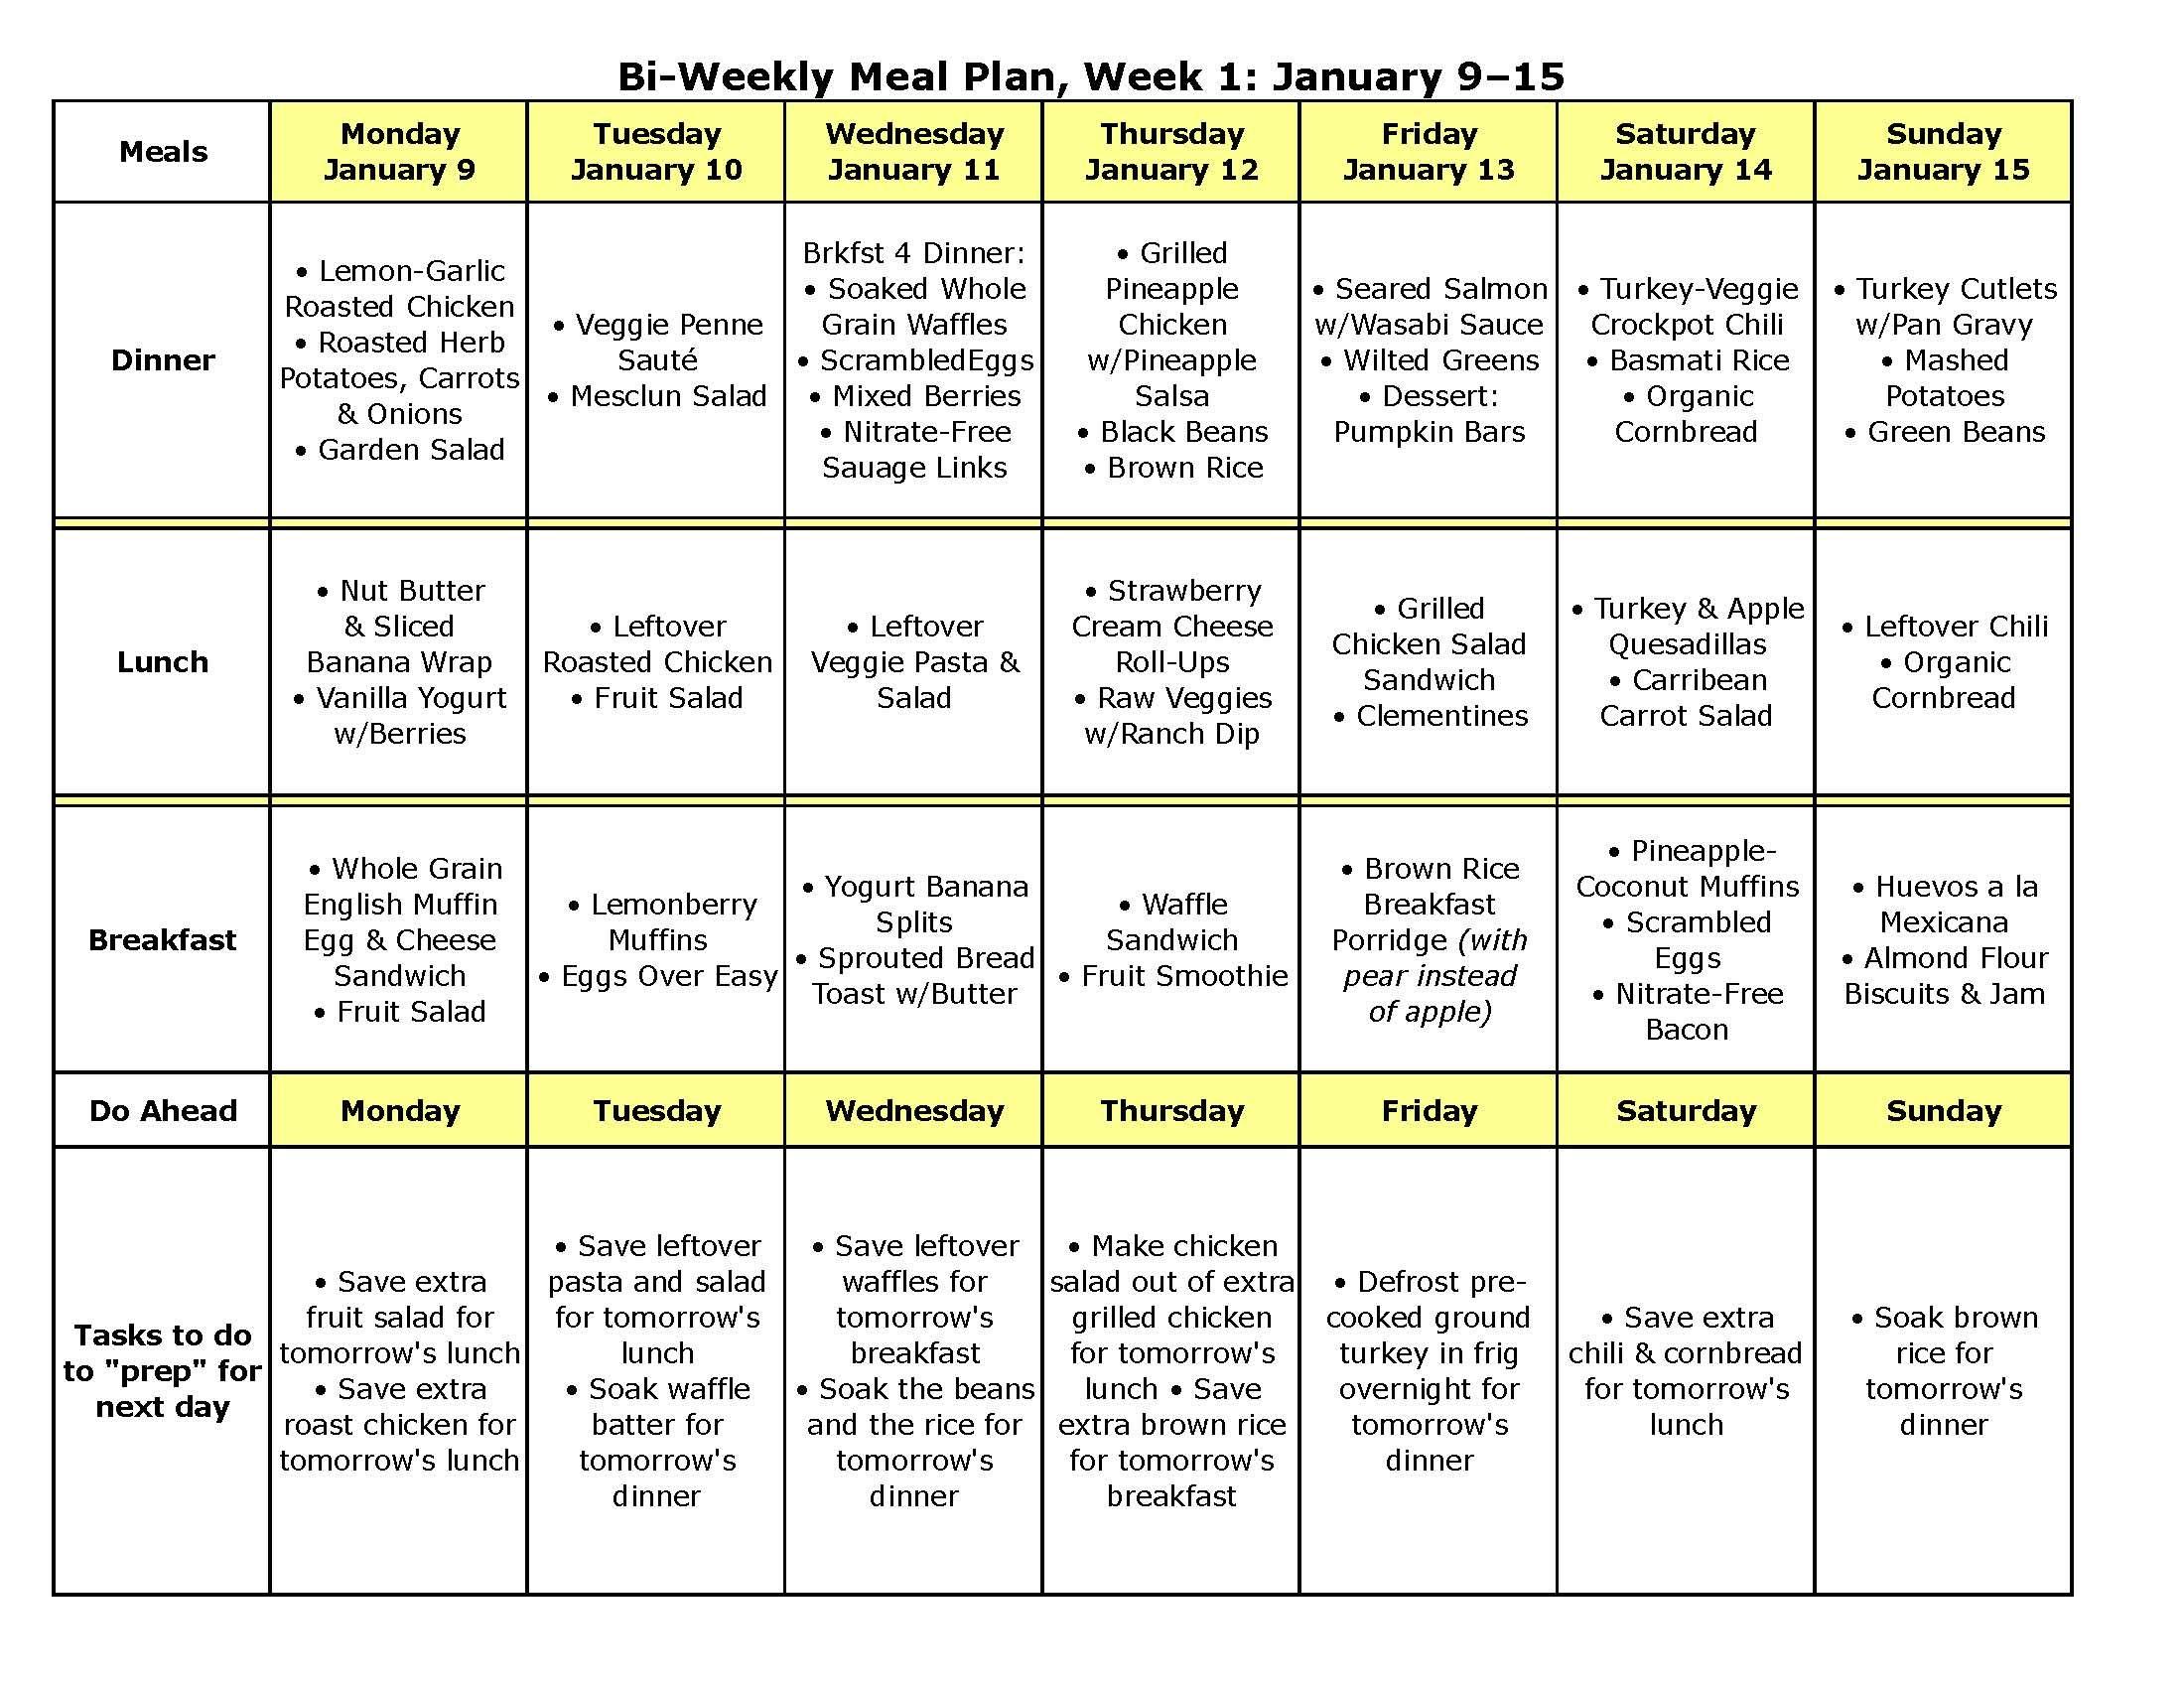 meet on milner menu planning